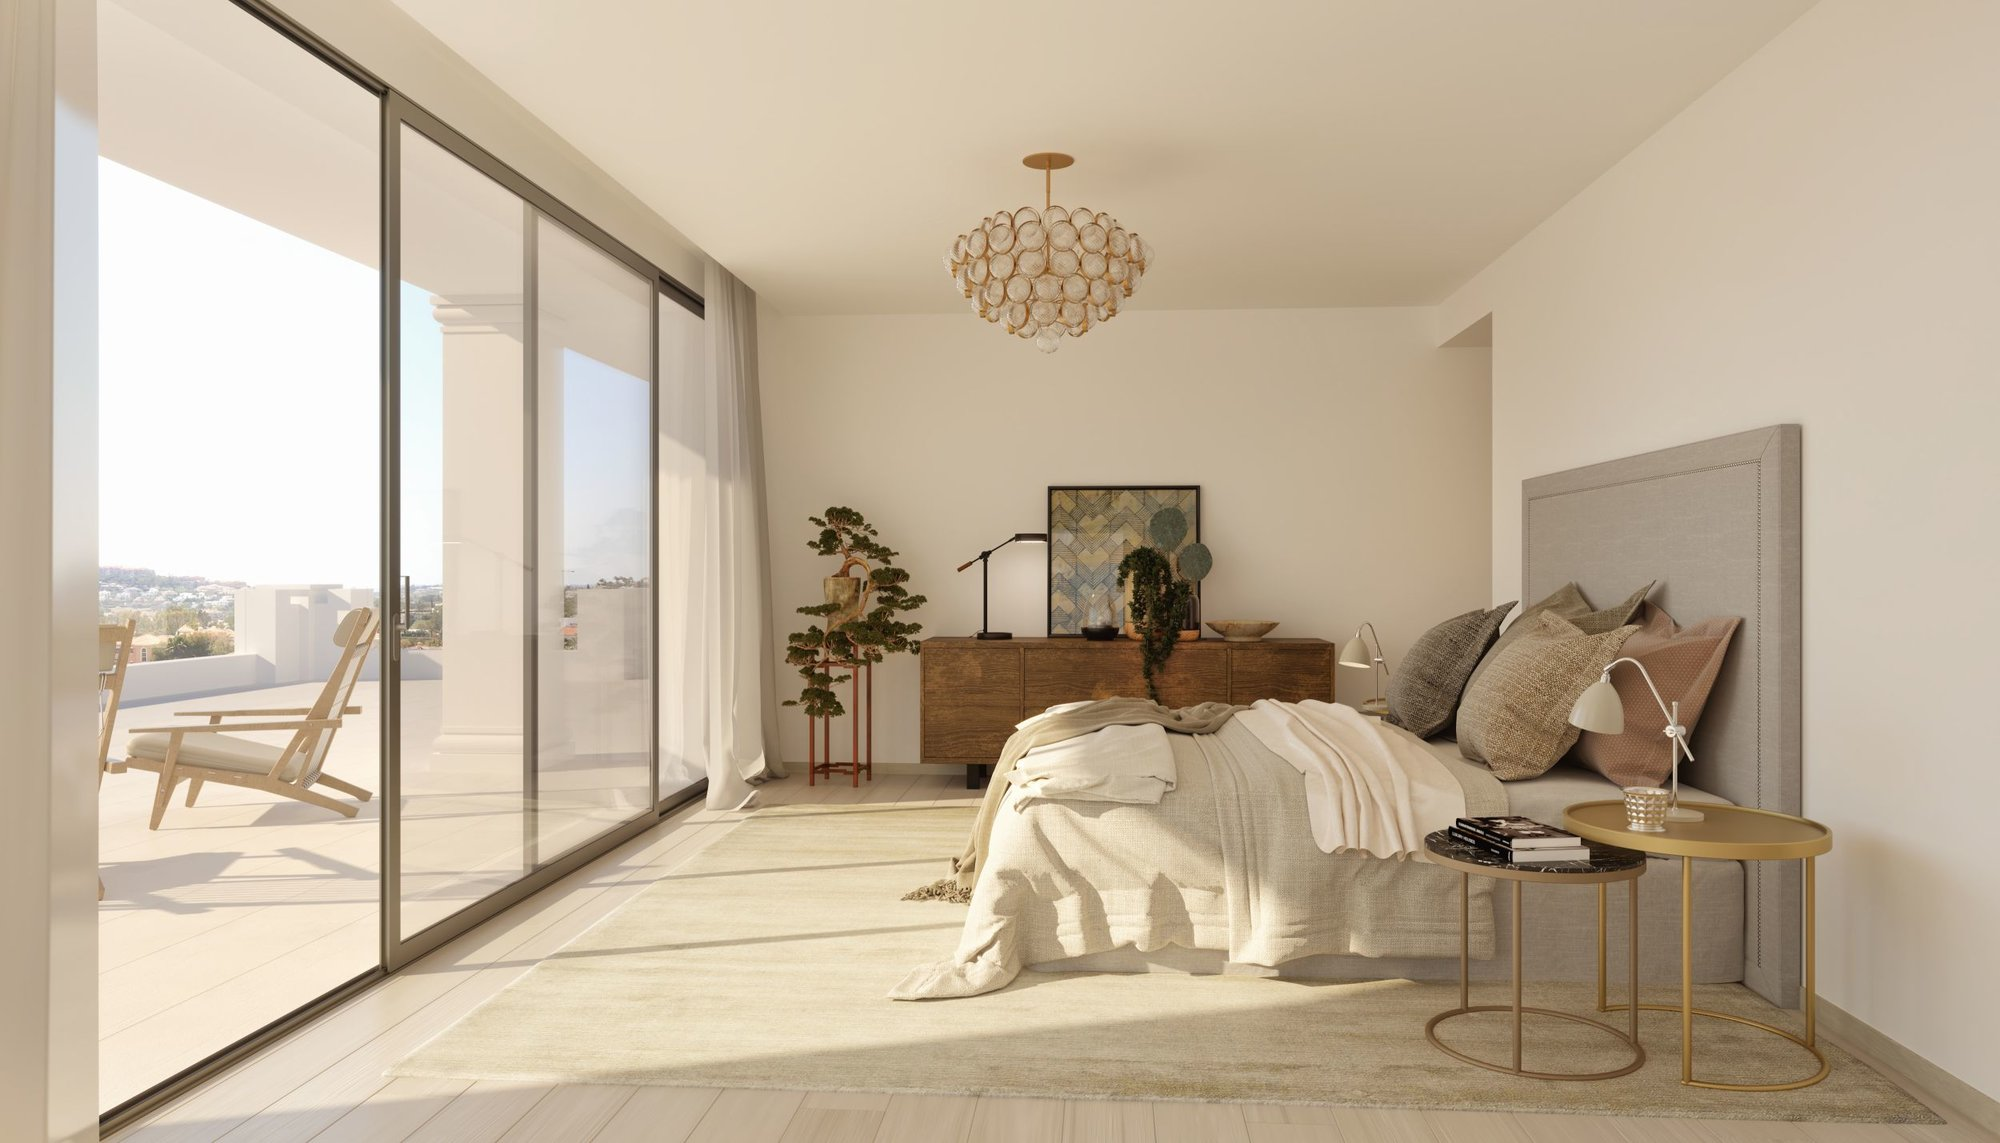 3 Bedroom, 3 Bathroom Apartment For Sale In Nueva Andalucia, Marbella